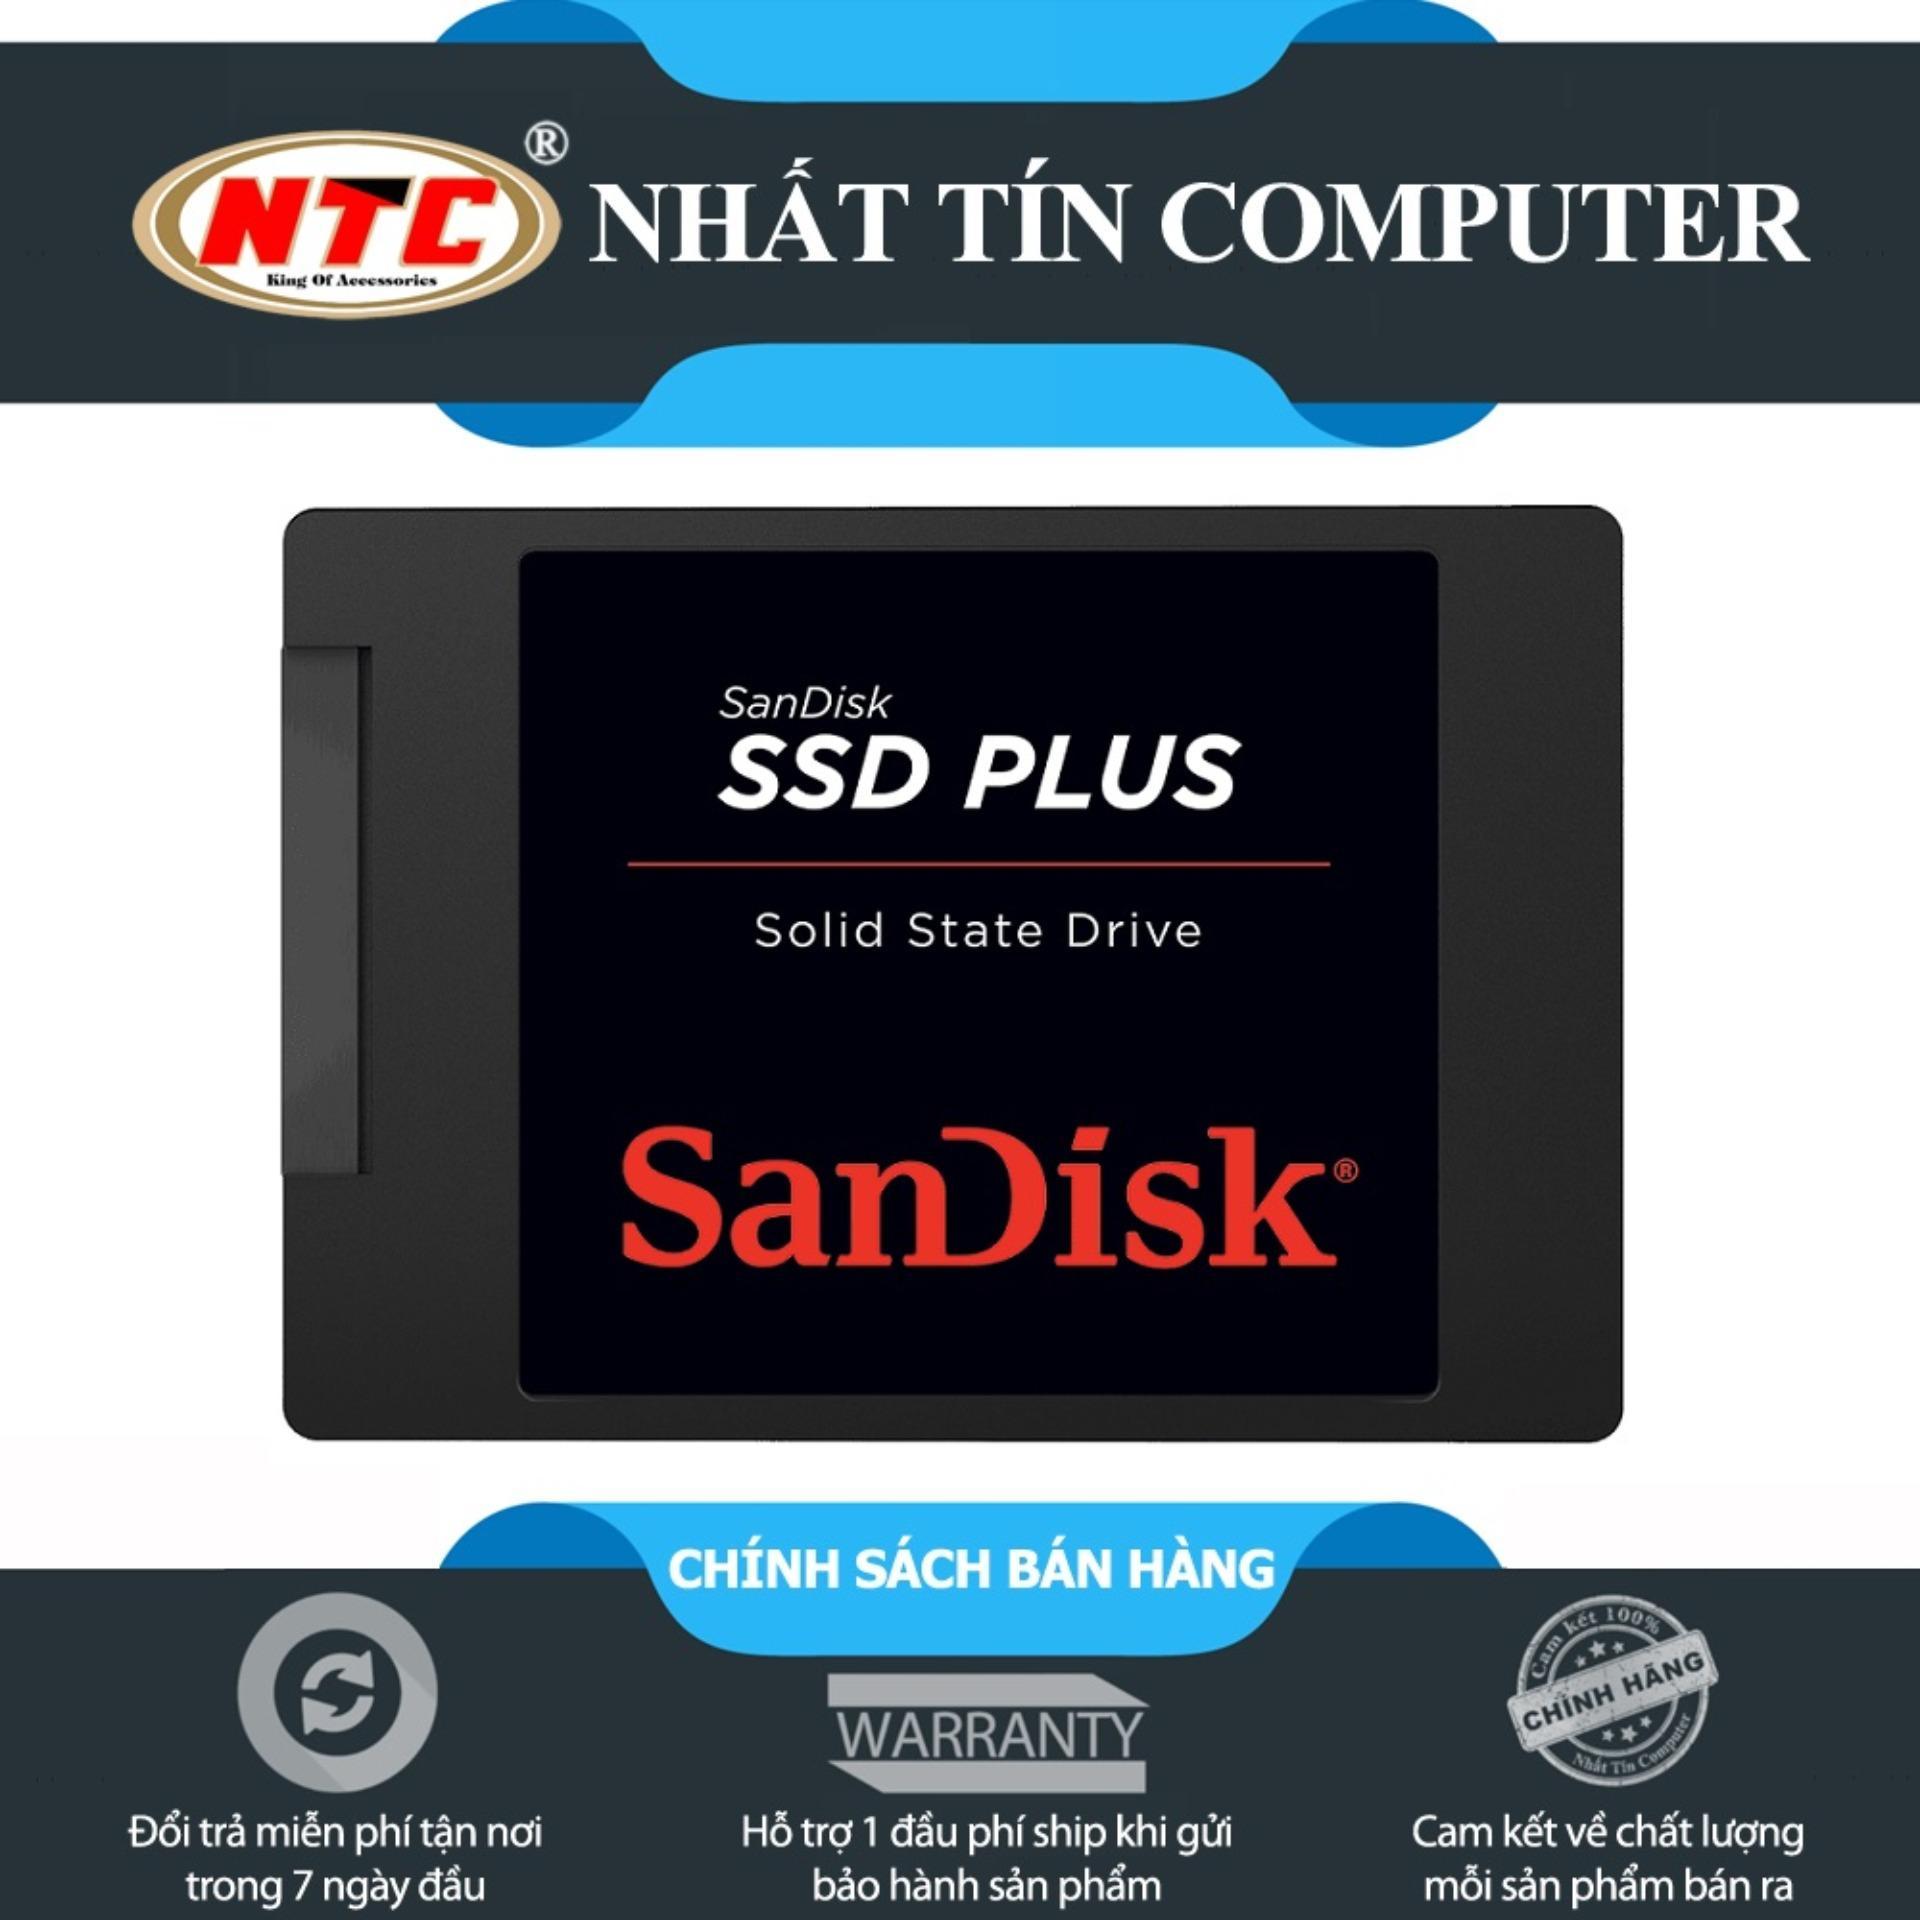 Hình ảnh Ổ cứng SSD Sandisk Plus 120GB 520MB/s (Đen)